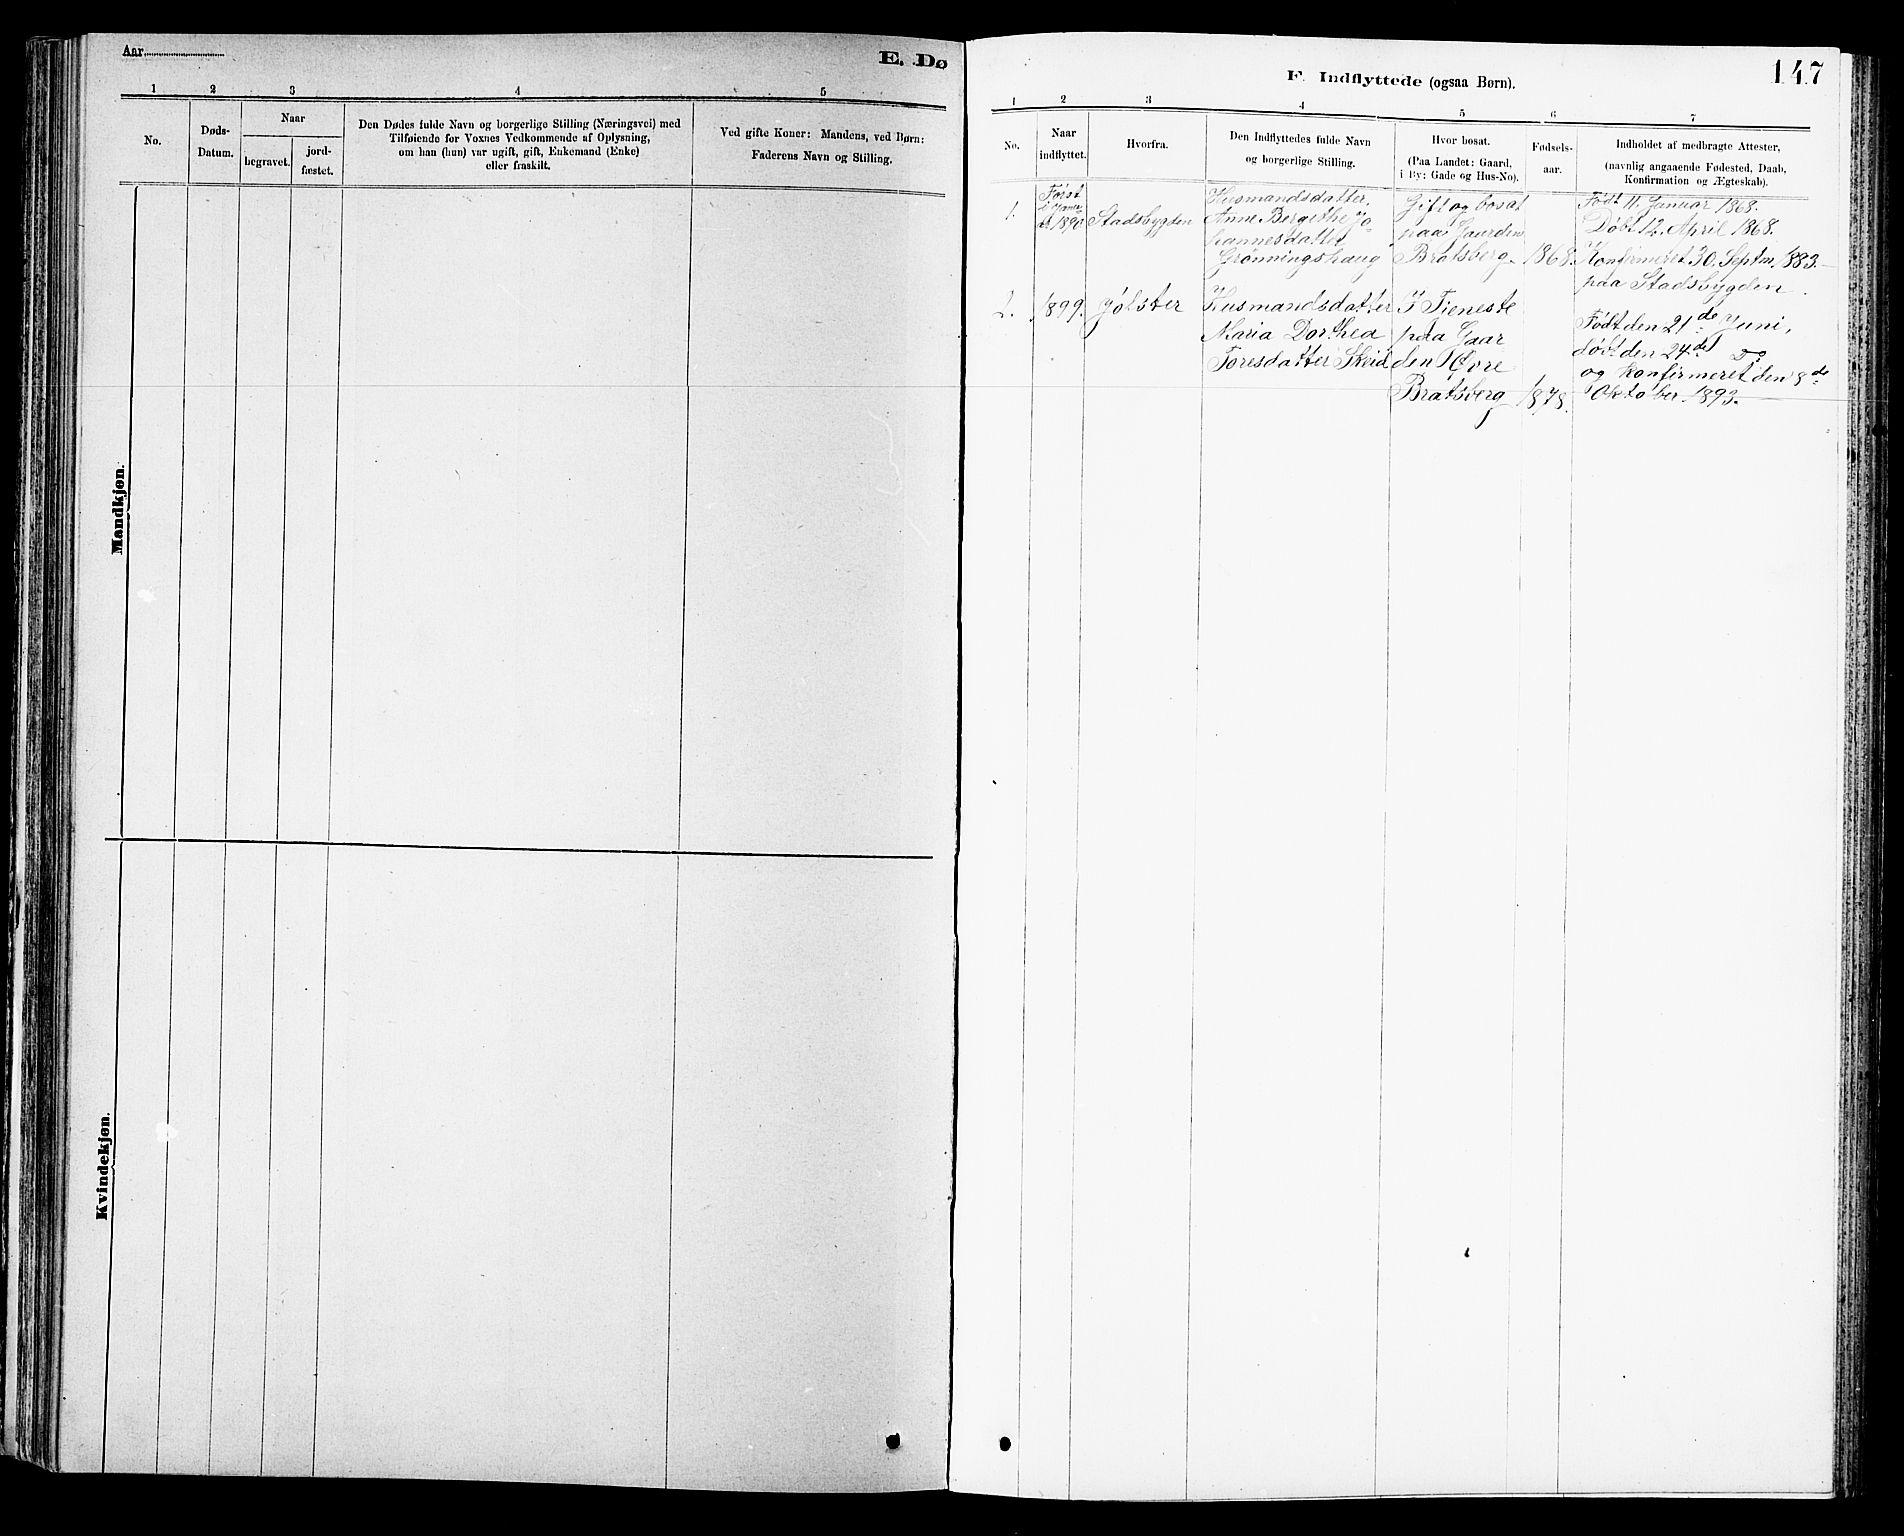 SAT, Ministerialprotokoller, klokkerbøker og fødselsregistre - Sør-Trøndelag, 608/L0341: Klokkerbok nr. 608C07, 1890-1912, s. 147